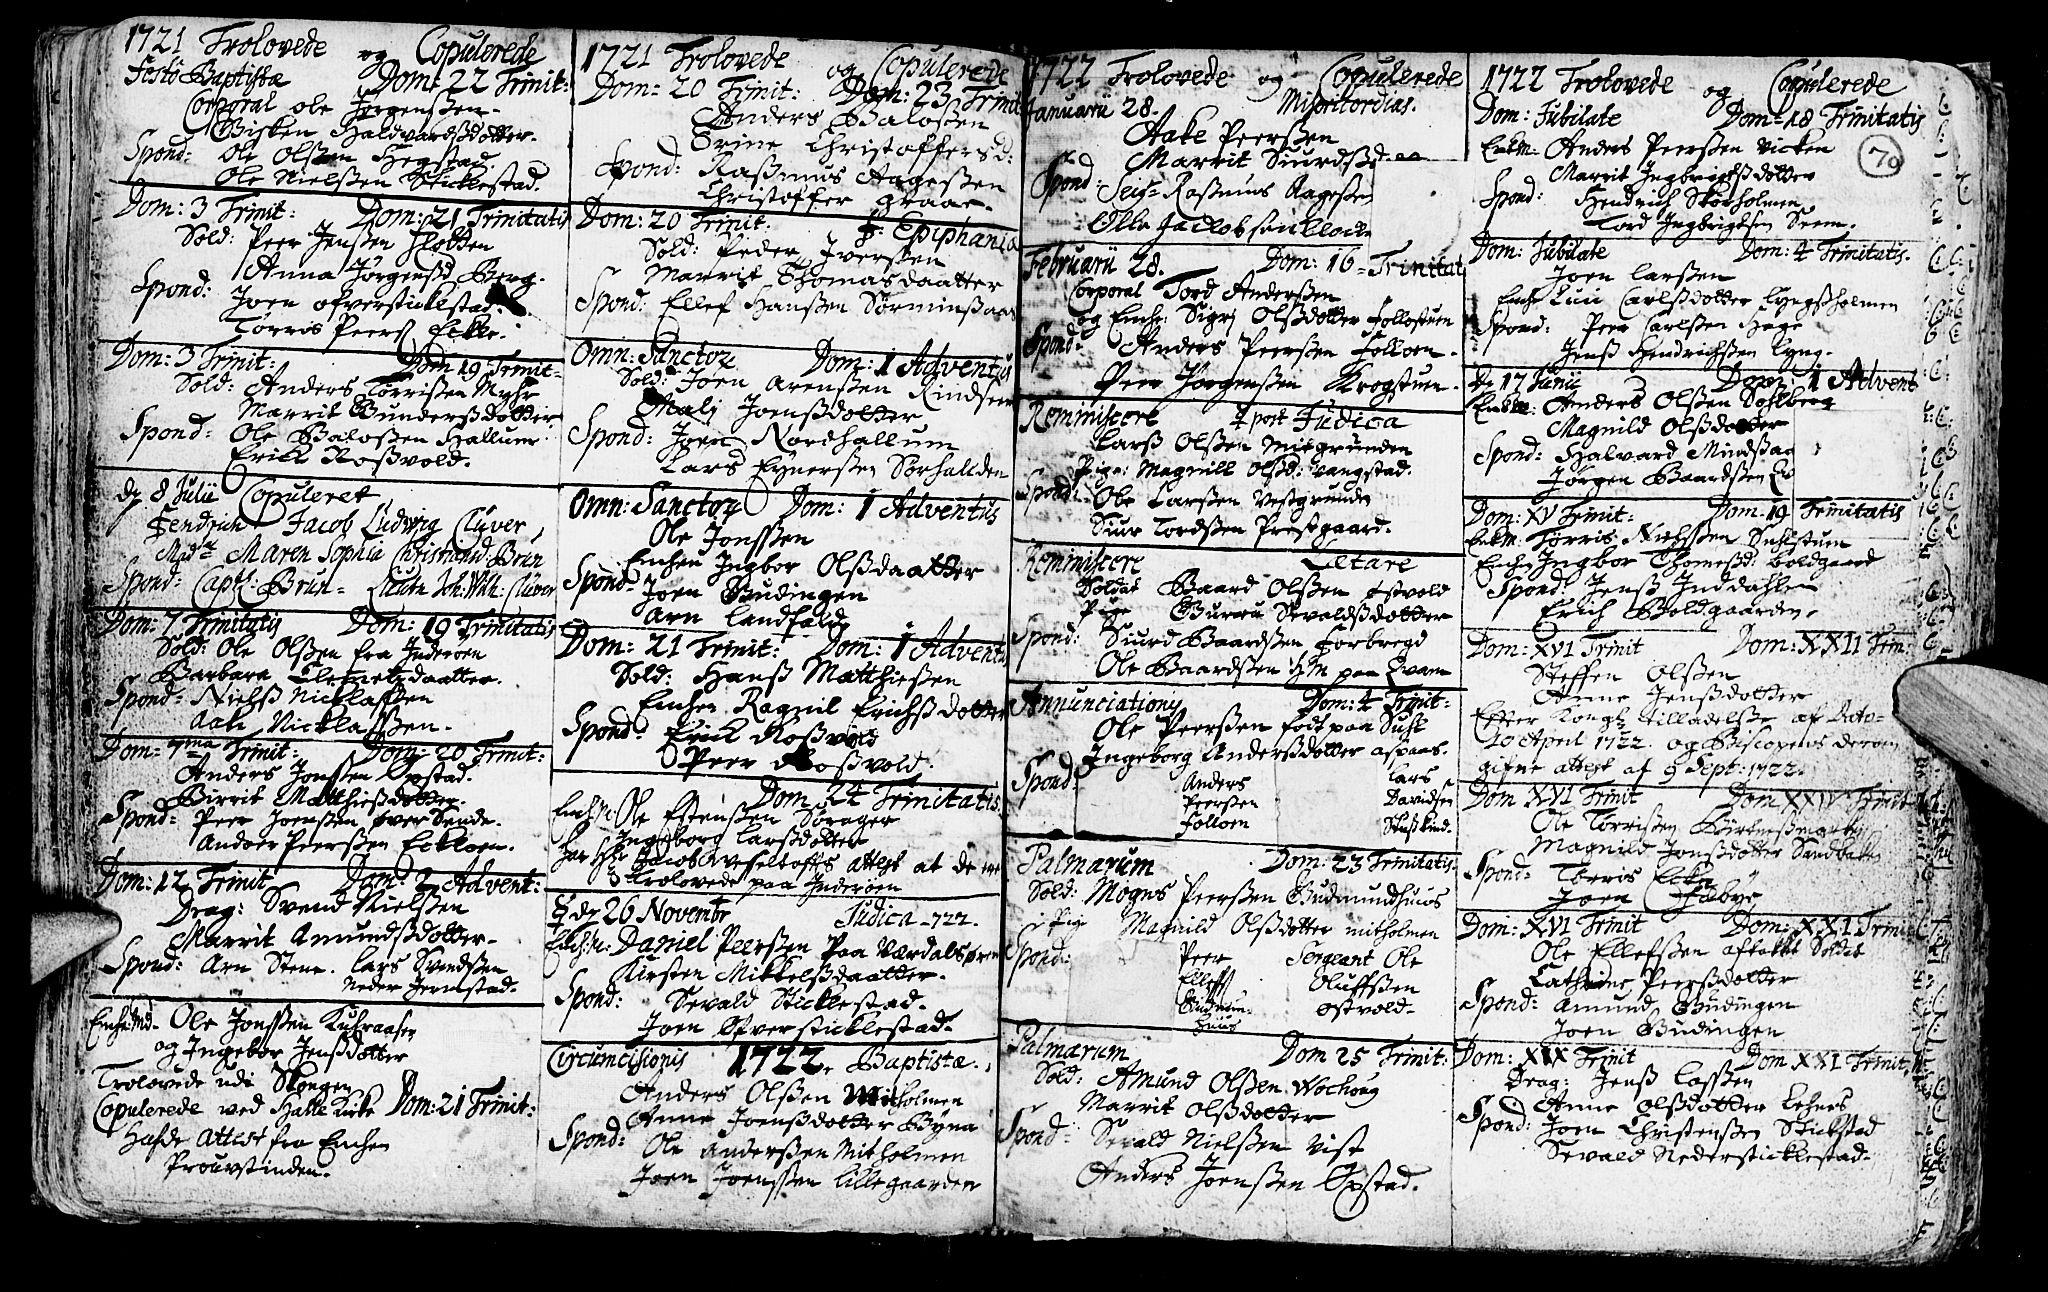 SAT, Ministerialprotokoller, klokkerbøker og fødselsregistre - Nord-Trøndelag, 723/L0230: Ministerialbok nr. 723A01, 1705-1747, s. 70